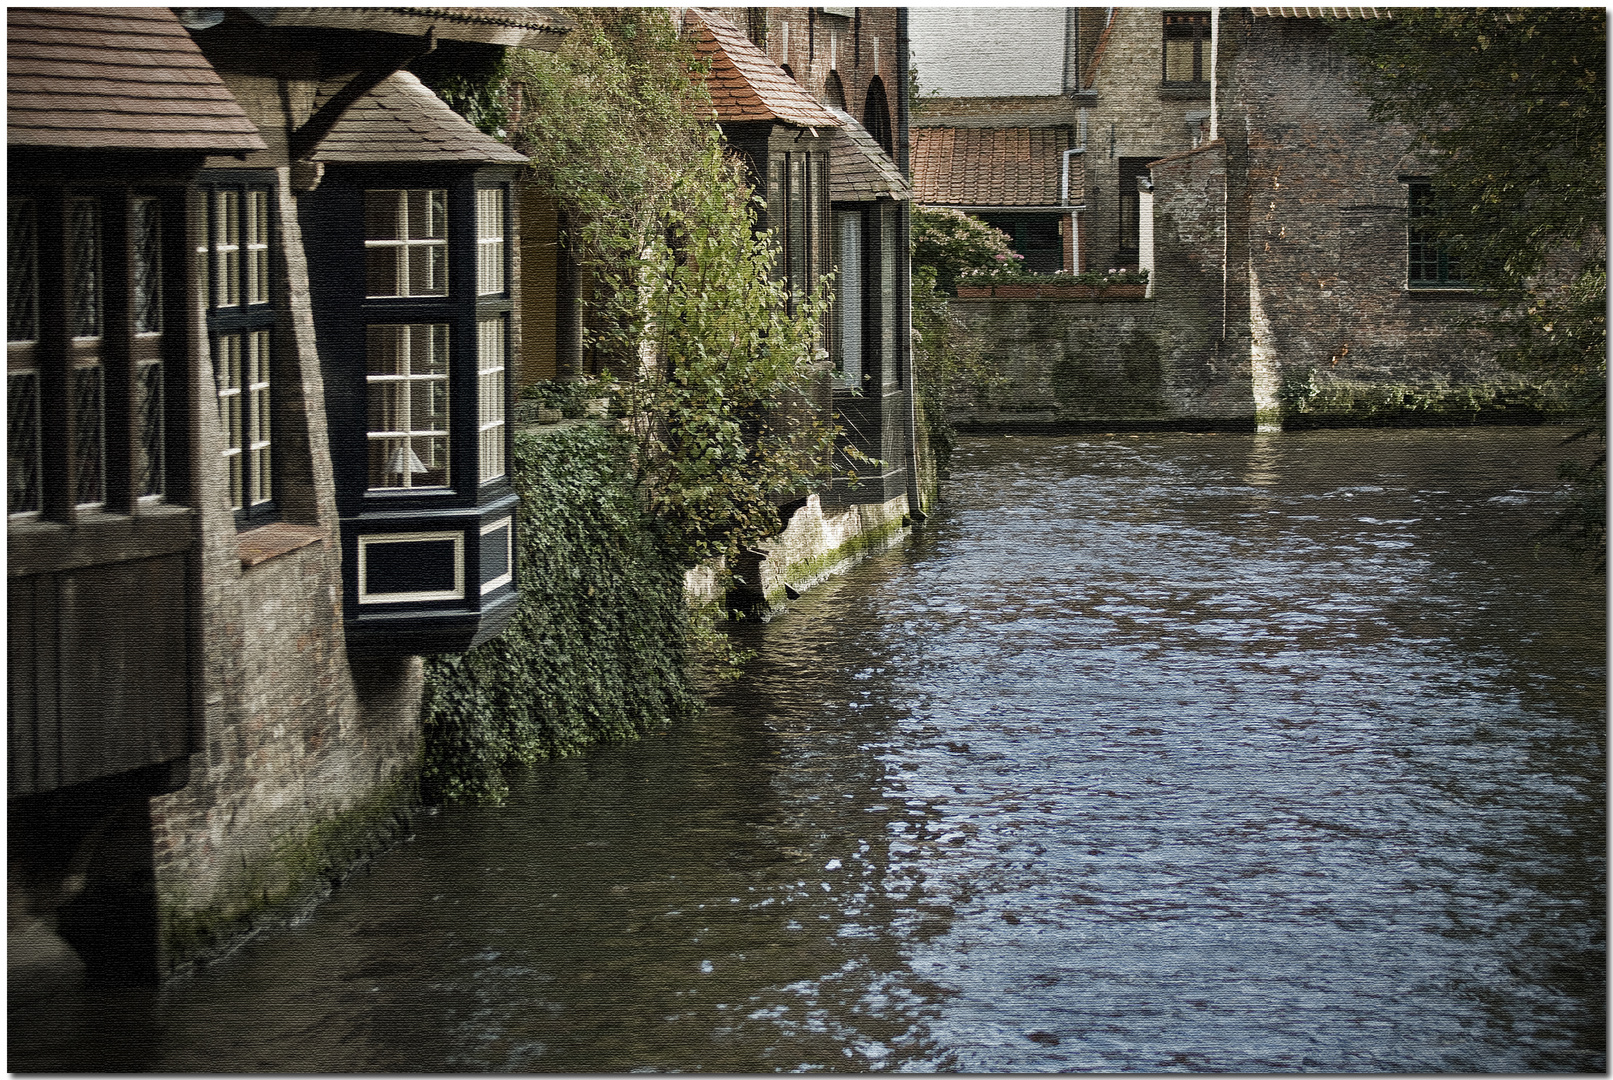 Automne à Bruges IX Canal sur toile